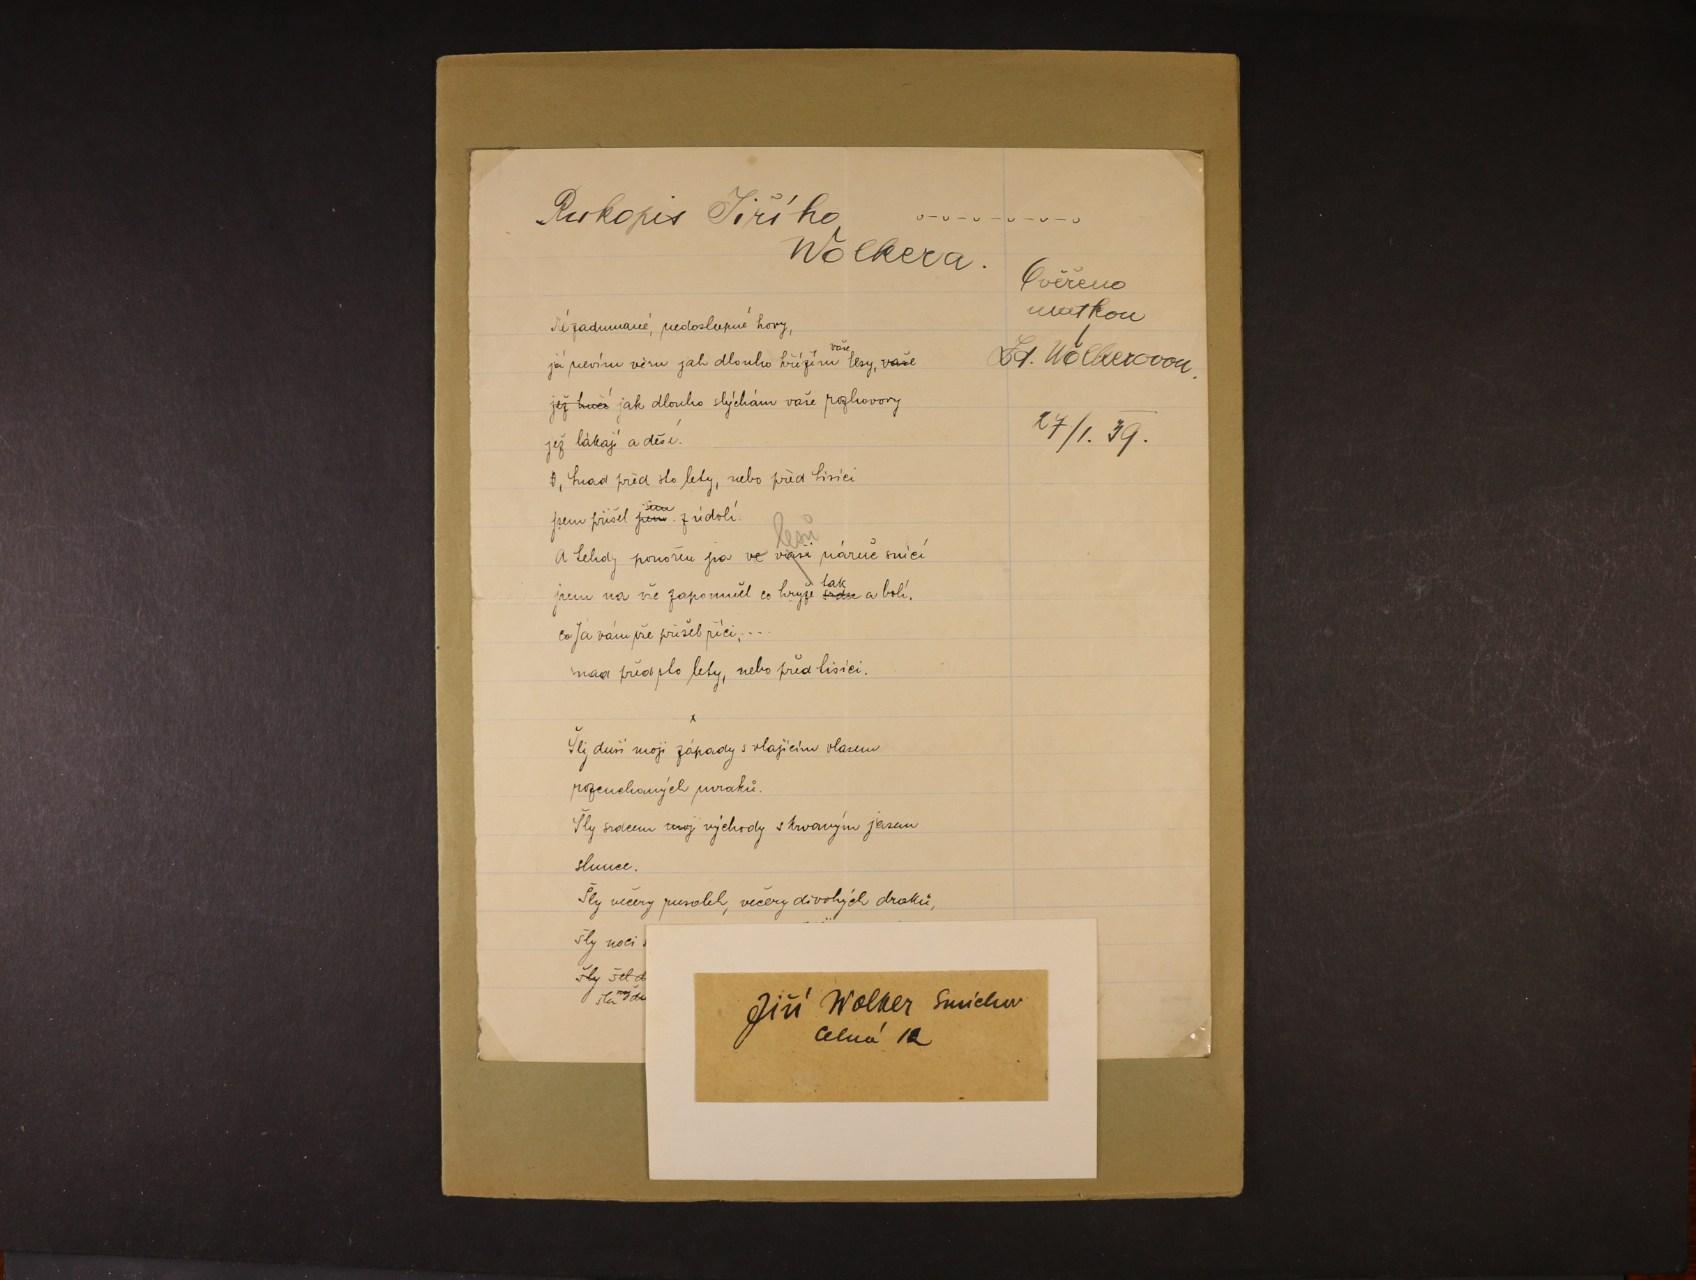 Wolker Jiří 1900 - 1924, význačný český básník - nezveřejněný text básně, dvě rukopisné strany ověřené matkou J. Wolkera 27.1.1939 + podpis na kousku papíru